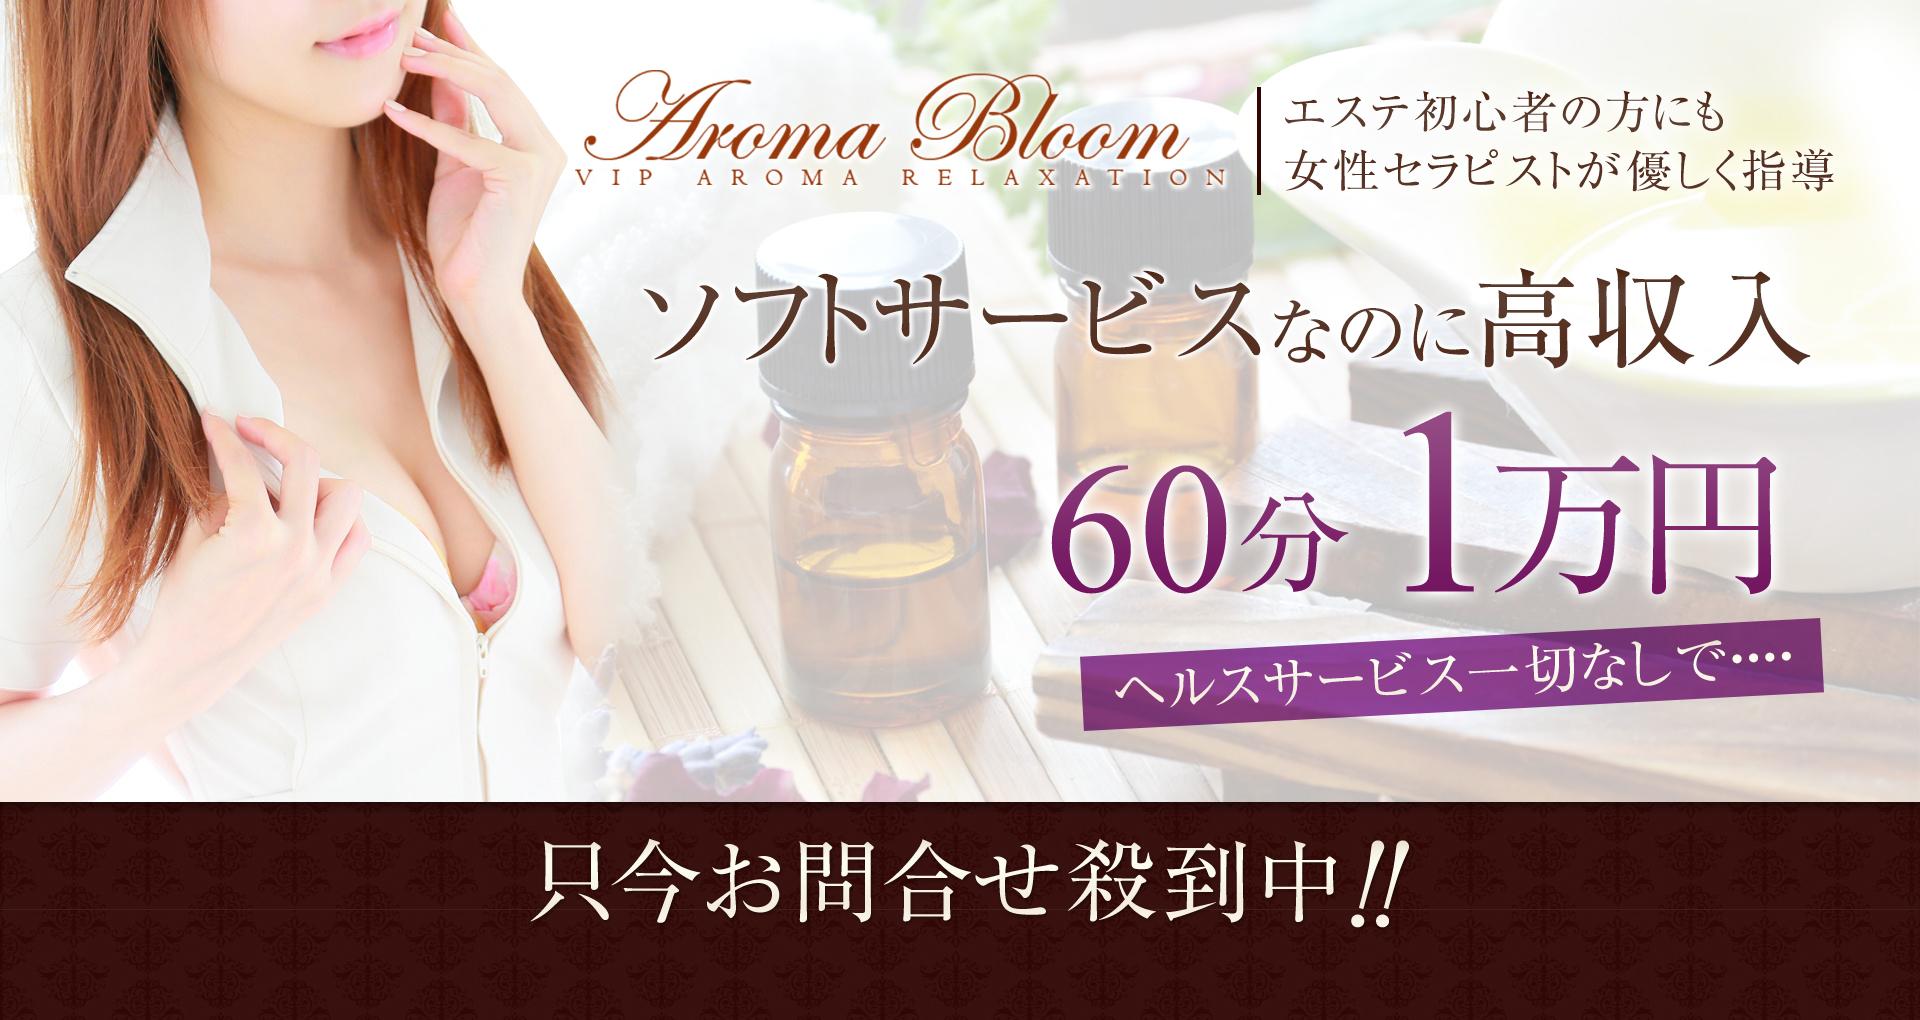 Aroma Bloom(アロマブルーム)